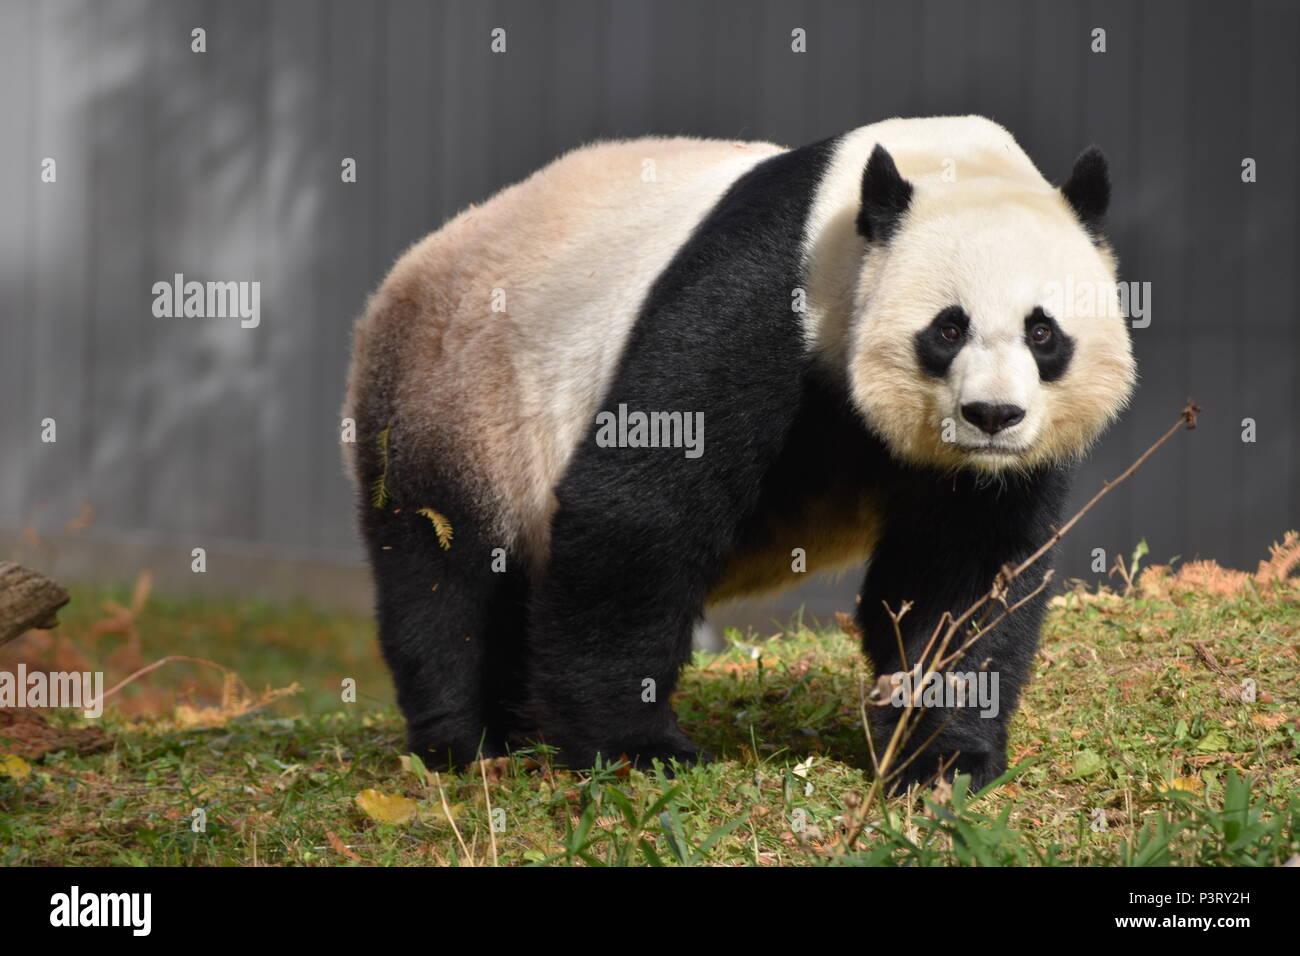 Profitant de l'ensoleillement Automne Panda Photo Stock